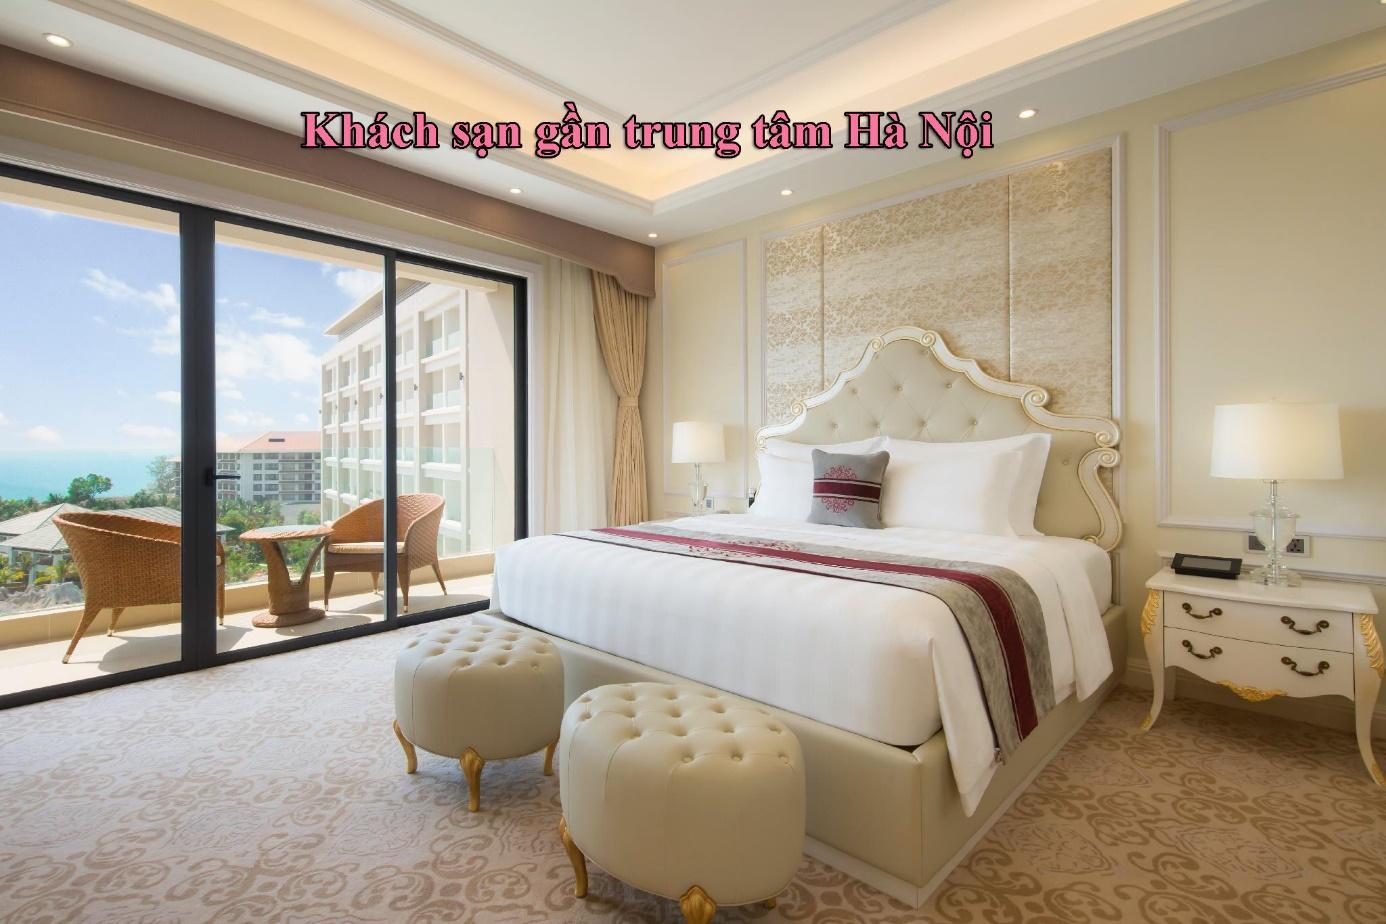 Khách sạn gần trung tâm Hà Nội